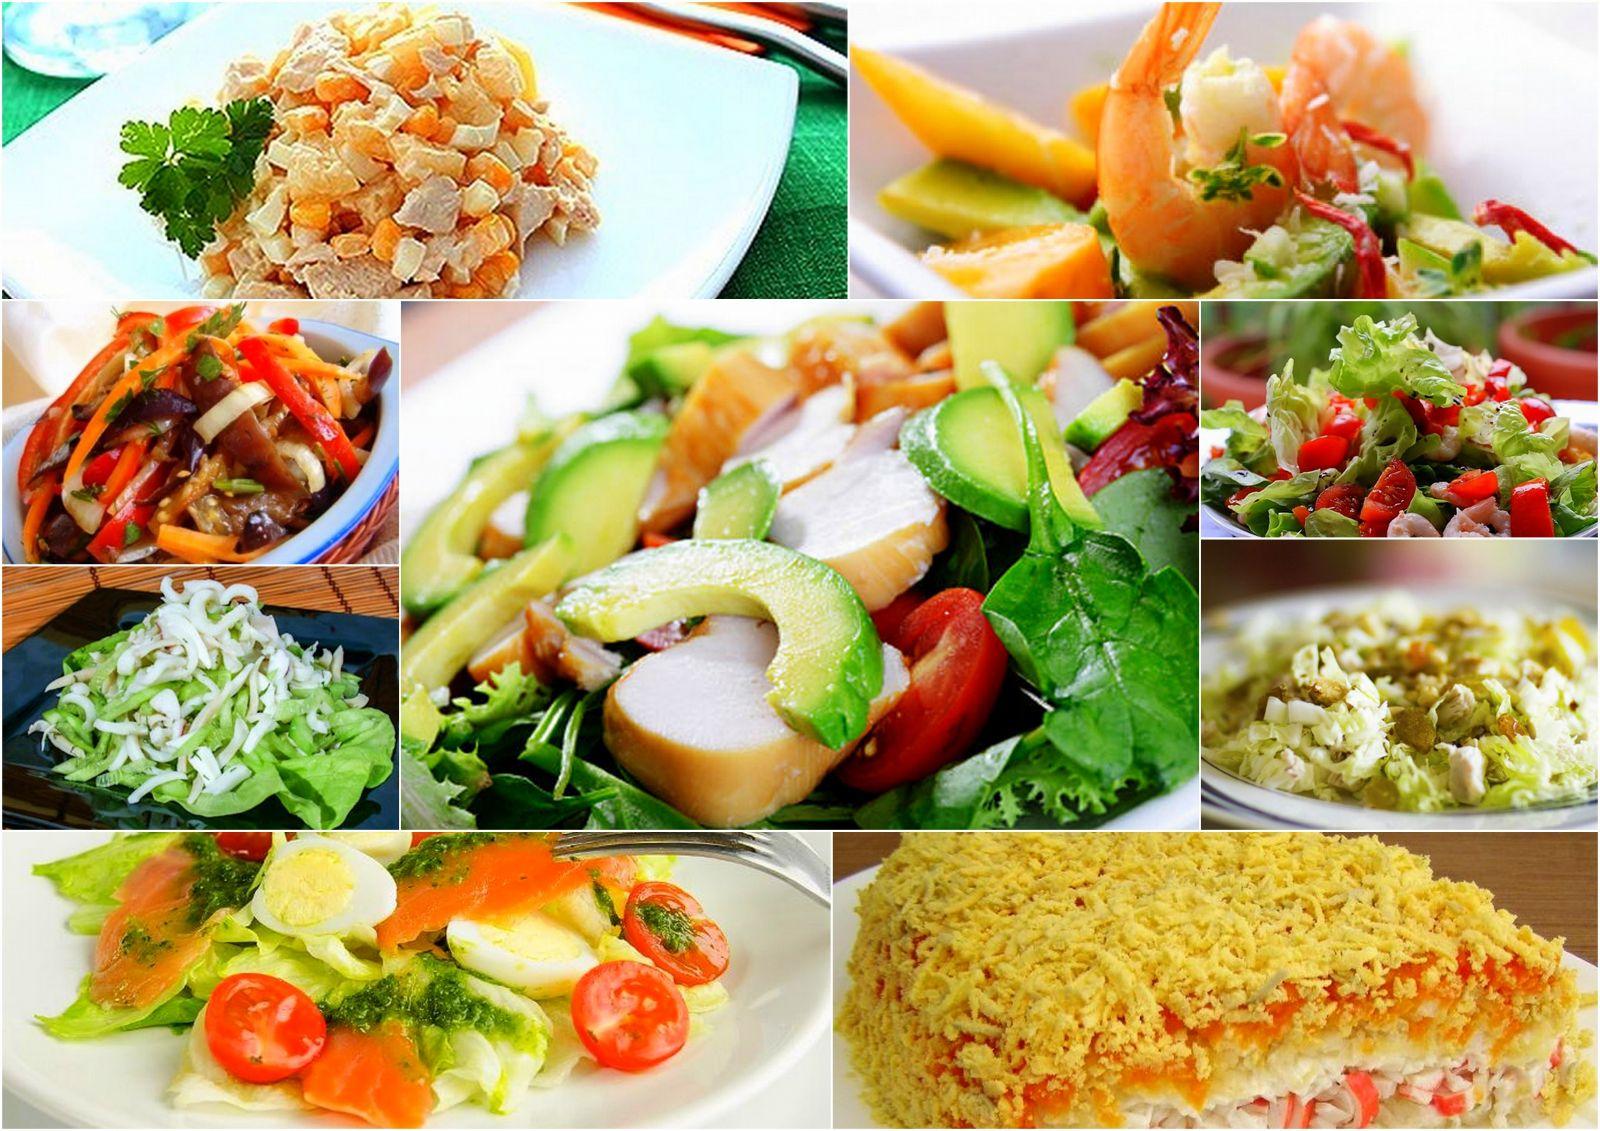 вкусная диета для похудения меню на каждый